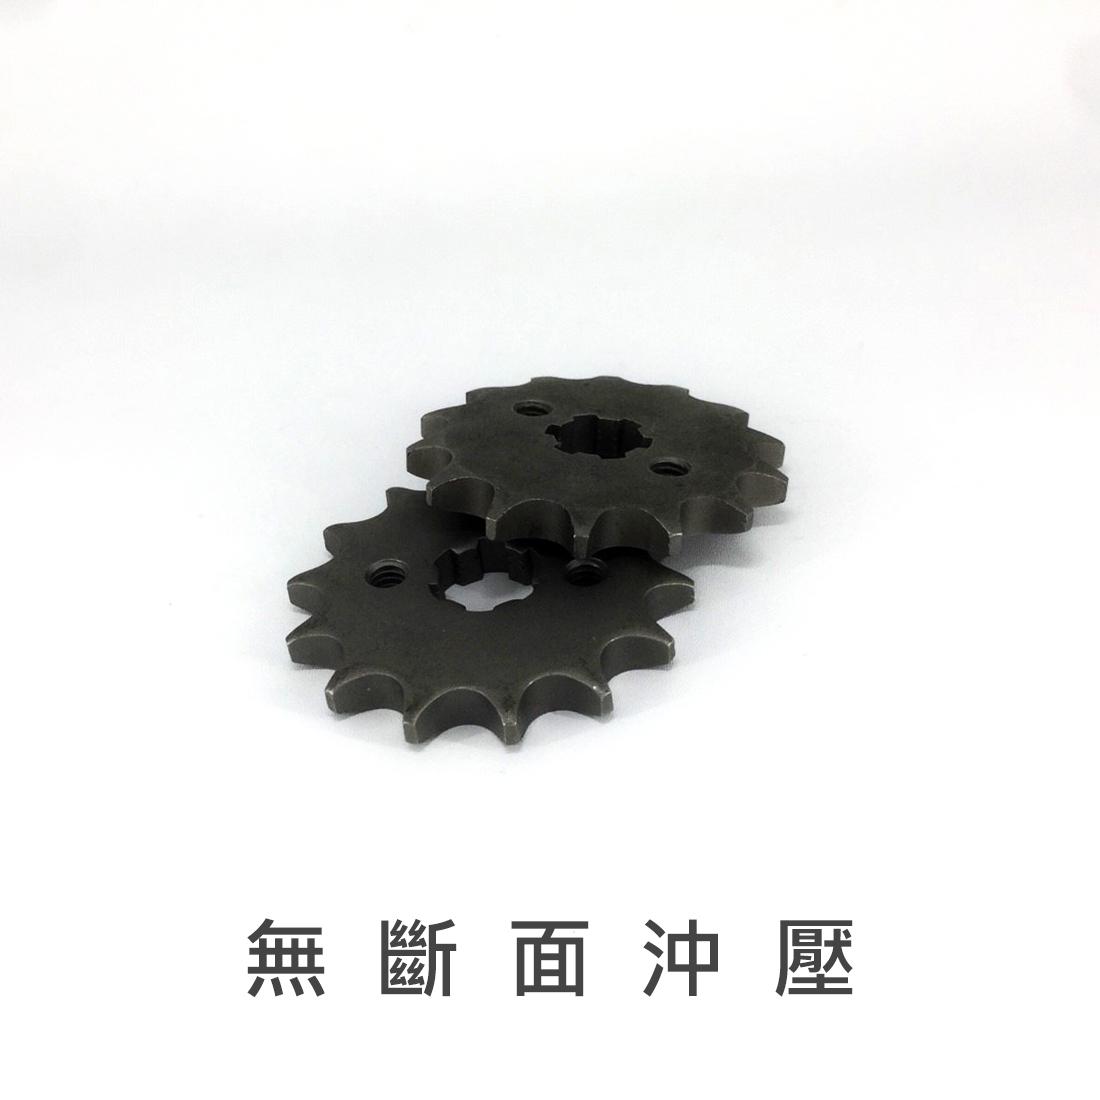 新工精密_180802_0007.jpg